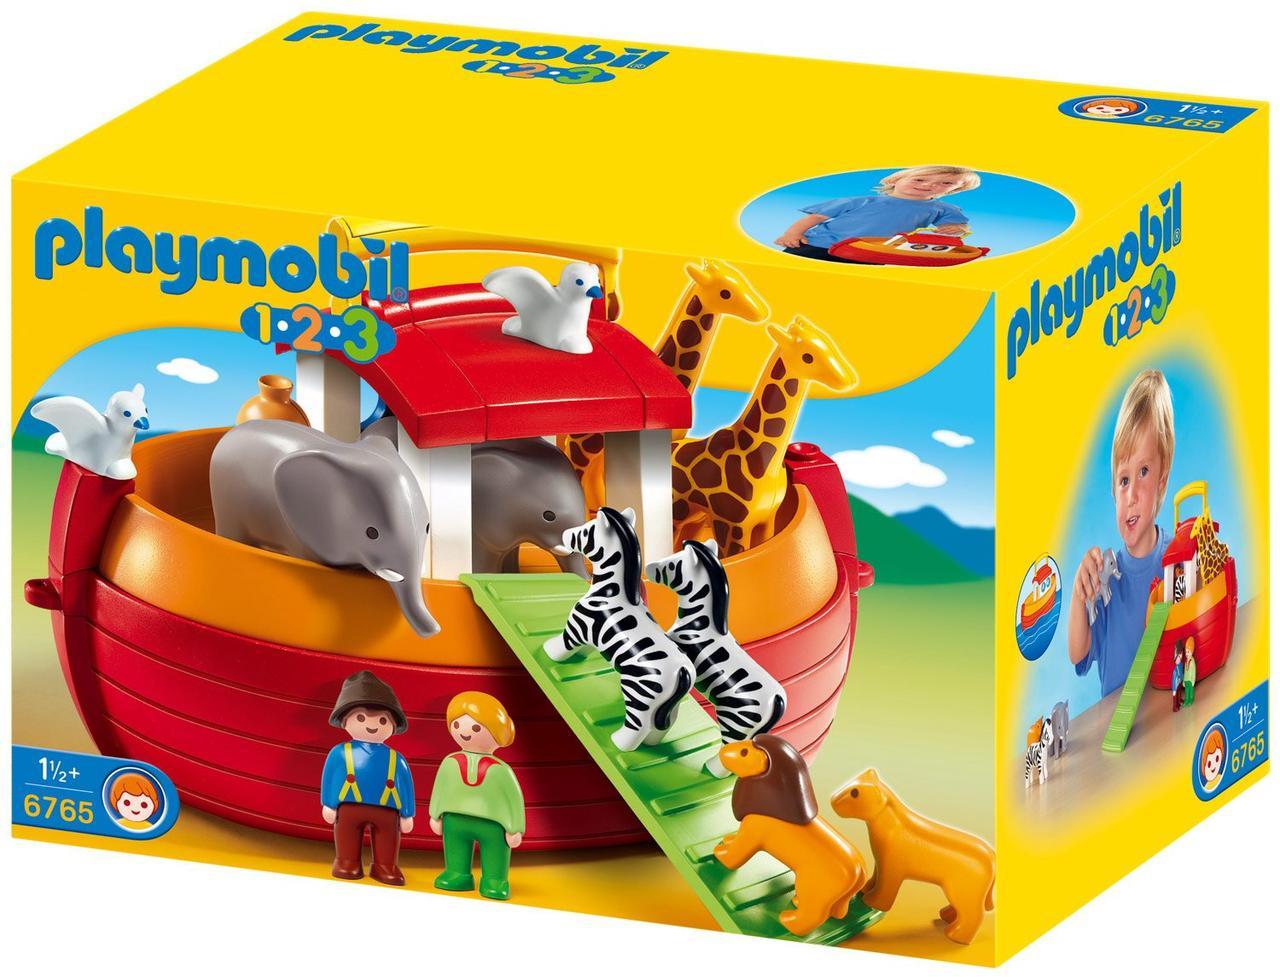 Ковчег ноя - Playmobil 6765